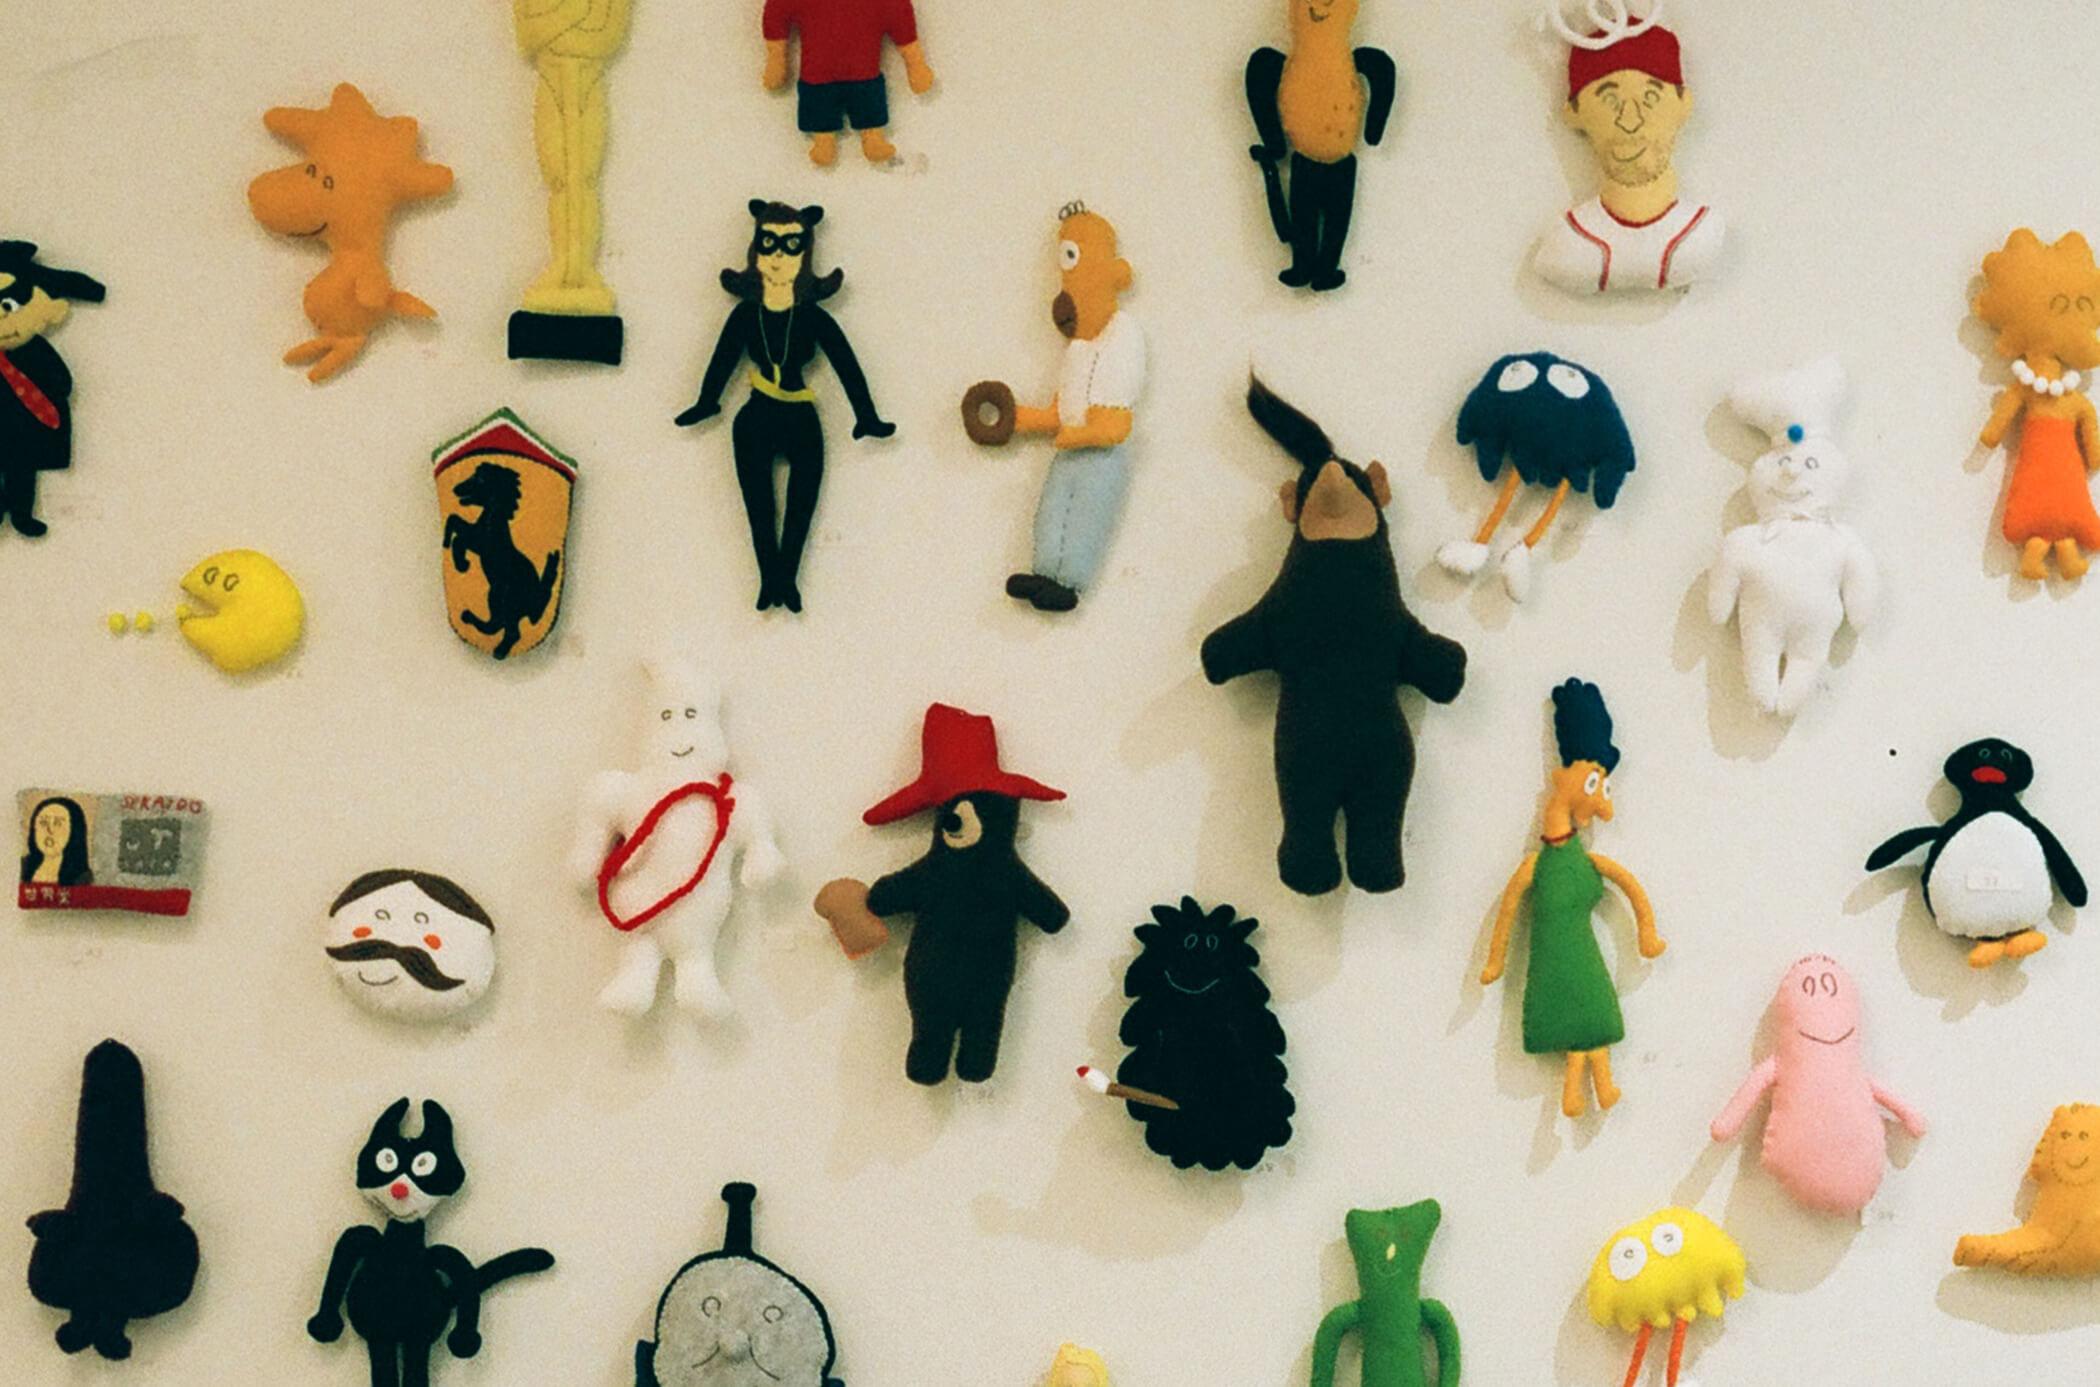 話題のぬいぐるみアーティスト長谷川有里の個展が見たくて京都まで。